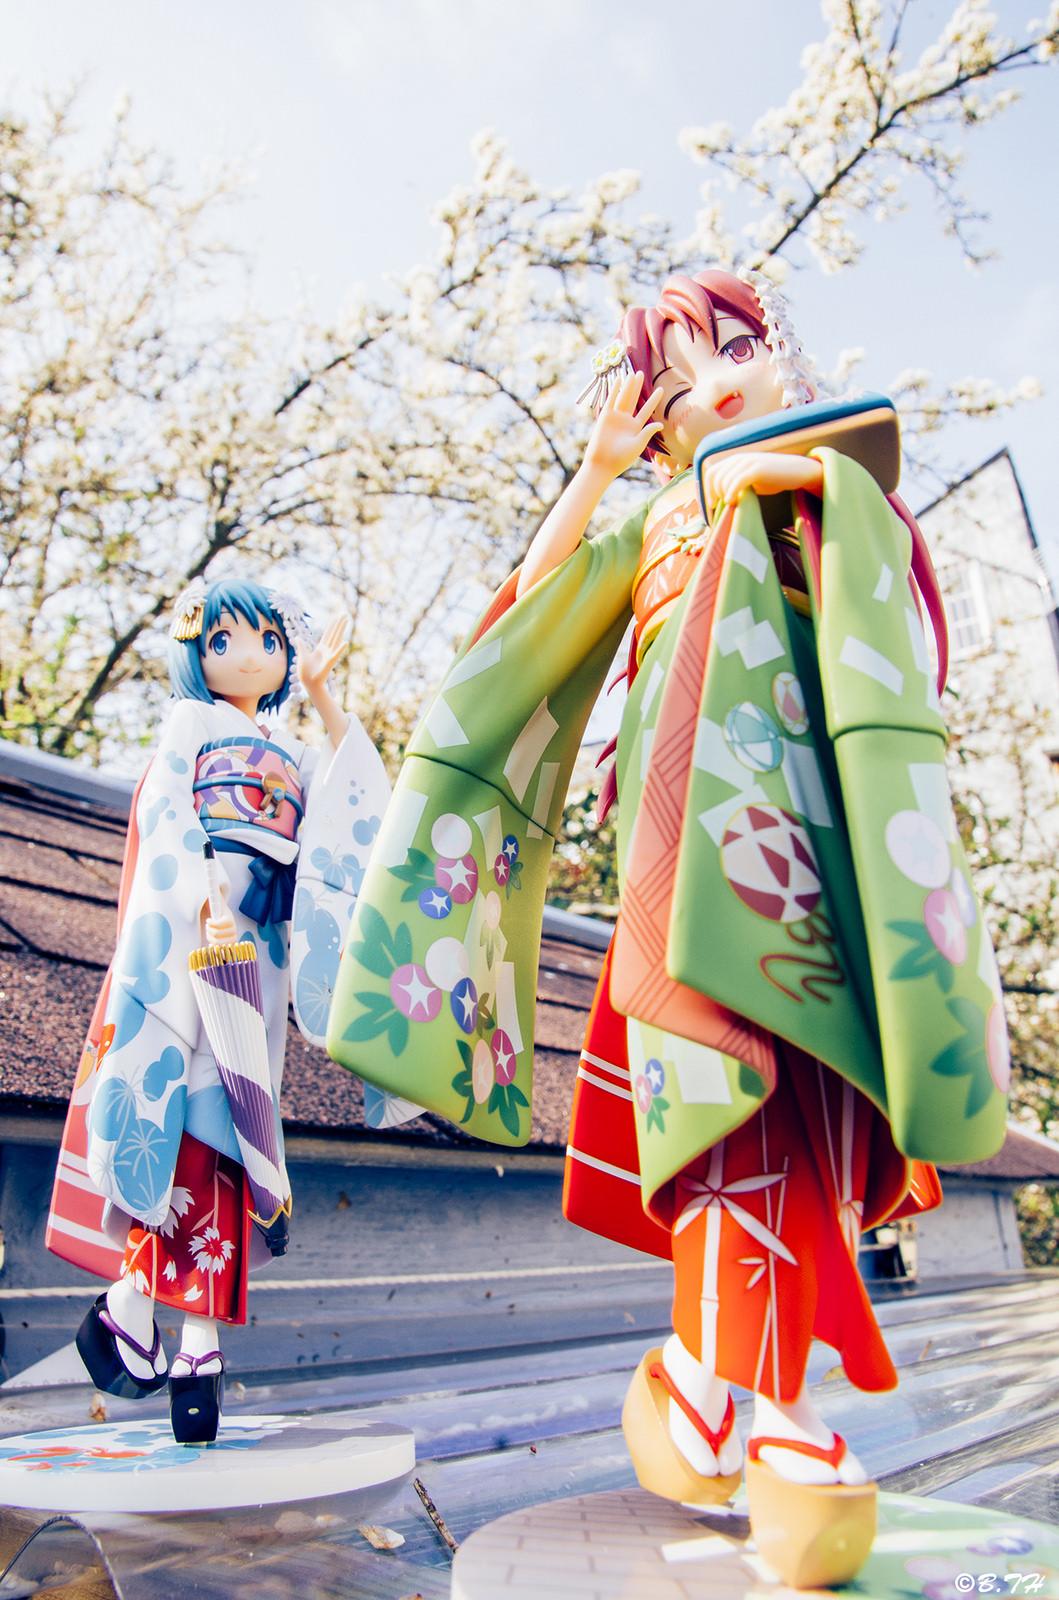 aniplex miki_sayaka sakura_kyouko miyajima_katsuyoshi gekijouban_mahou_shoujo_madoka★magica stronger